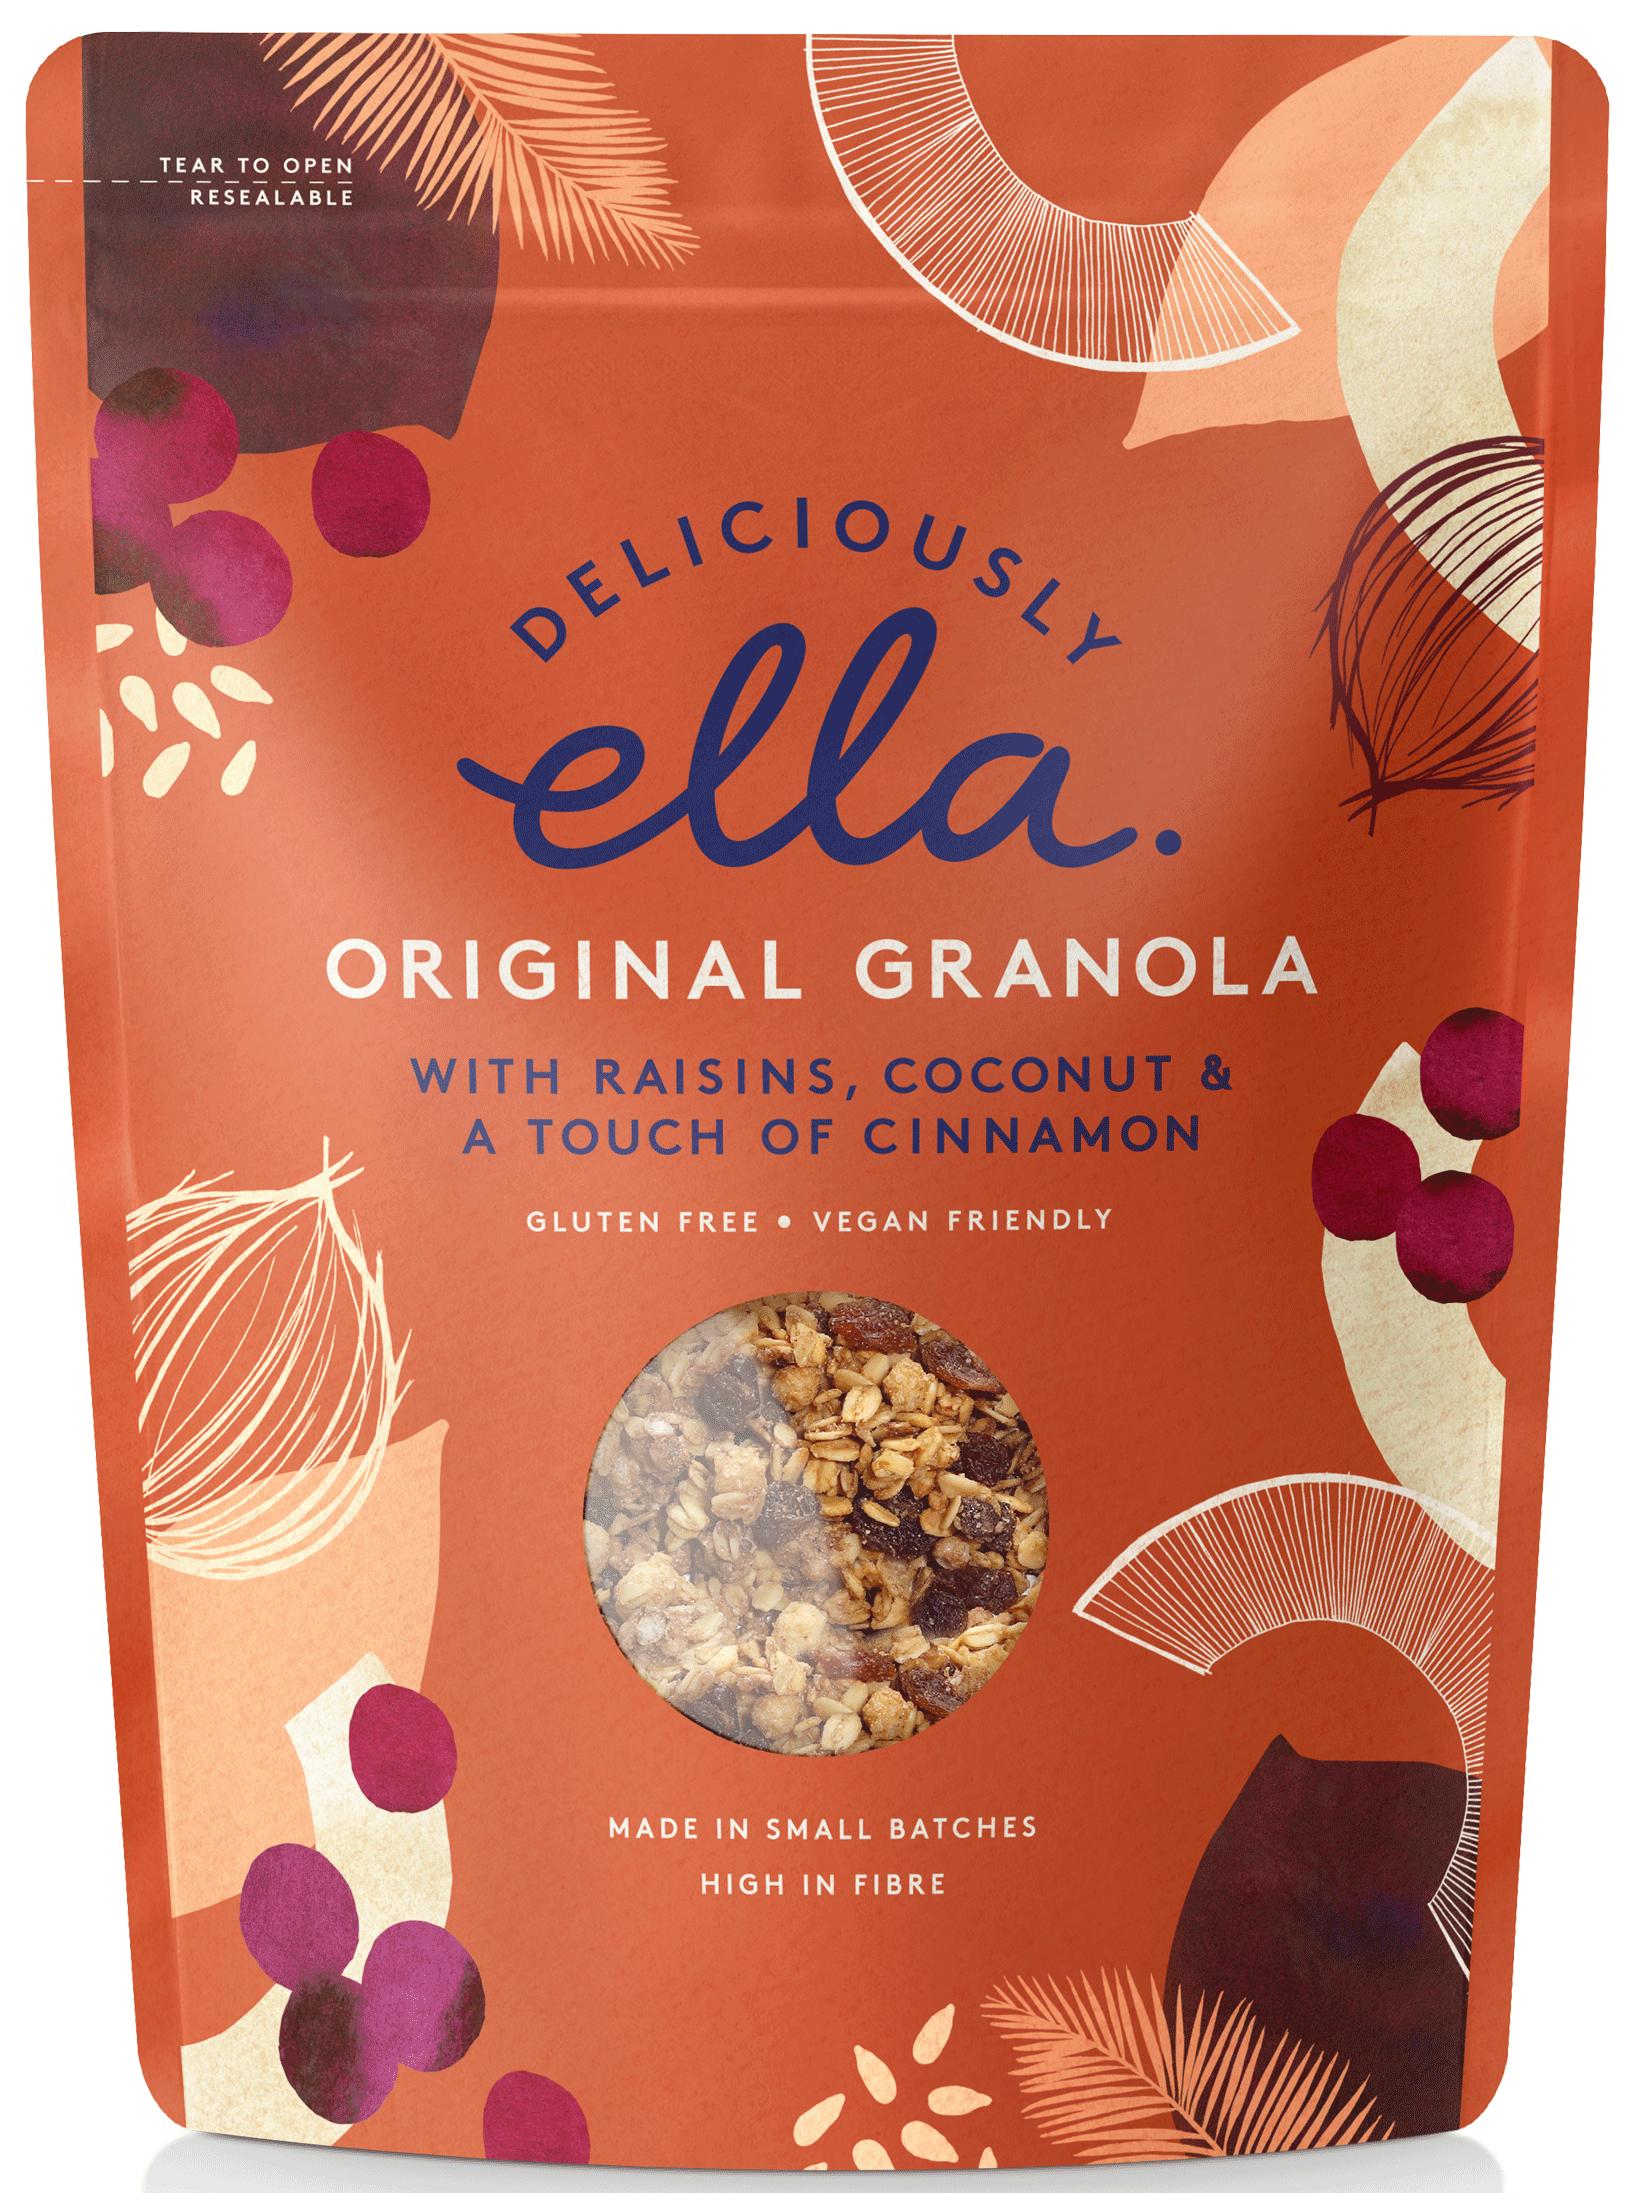 Delicious Ella Original Granola Cereal 12g. Only £12.12